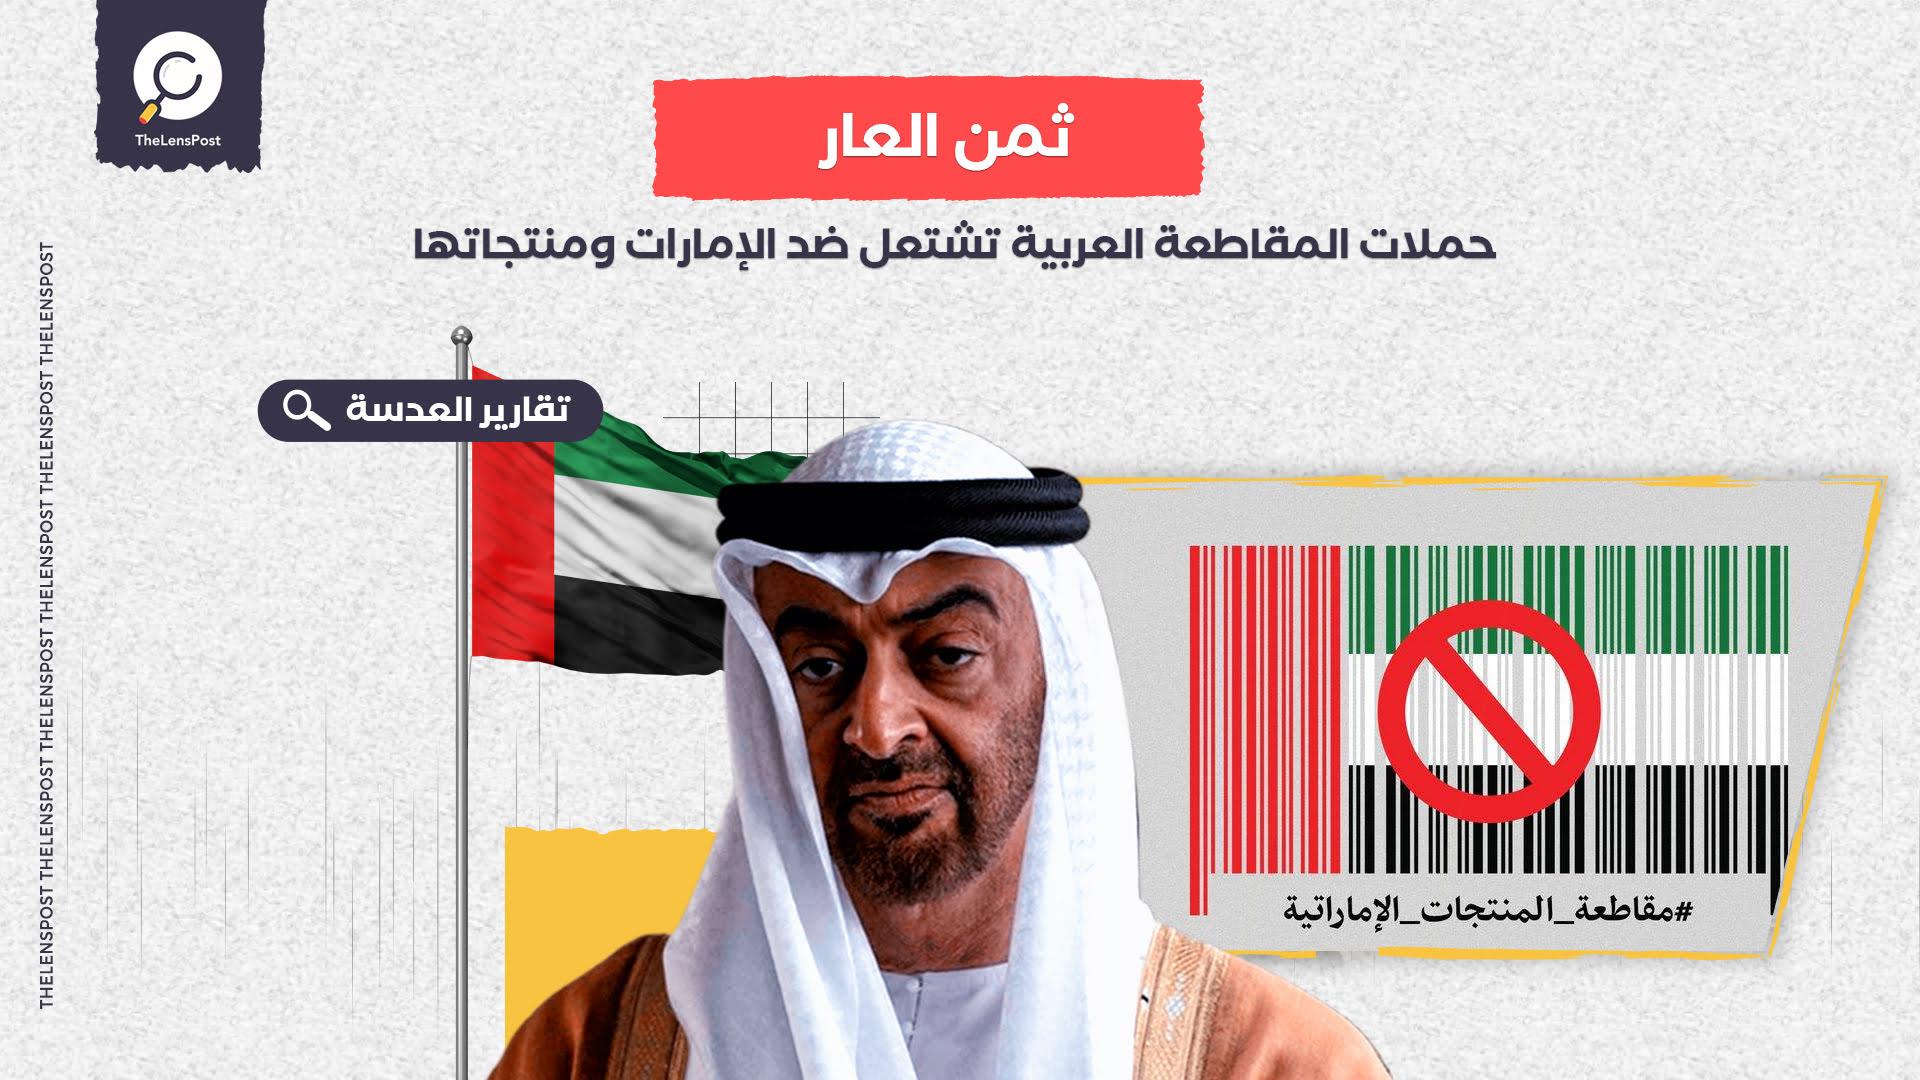 عقاب الخيانة والتطبيع.. حملات المقاطعة العربية تشتعل ضد الإمارات ومنتجاتها